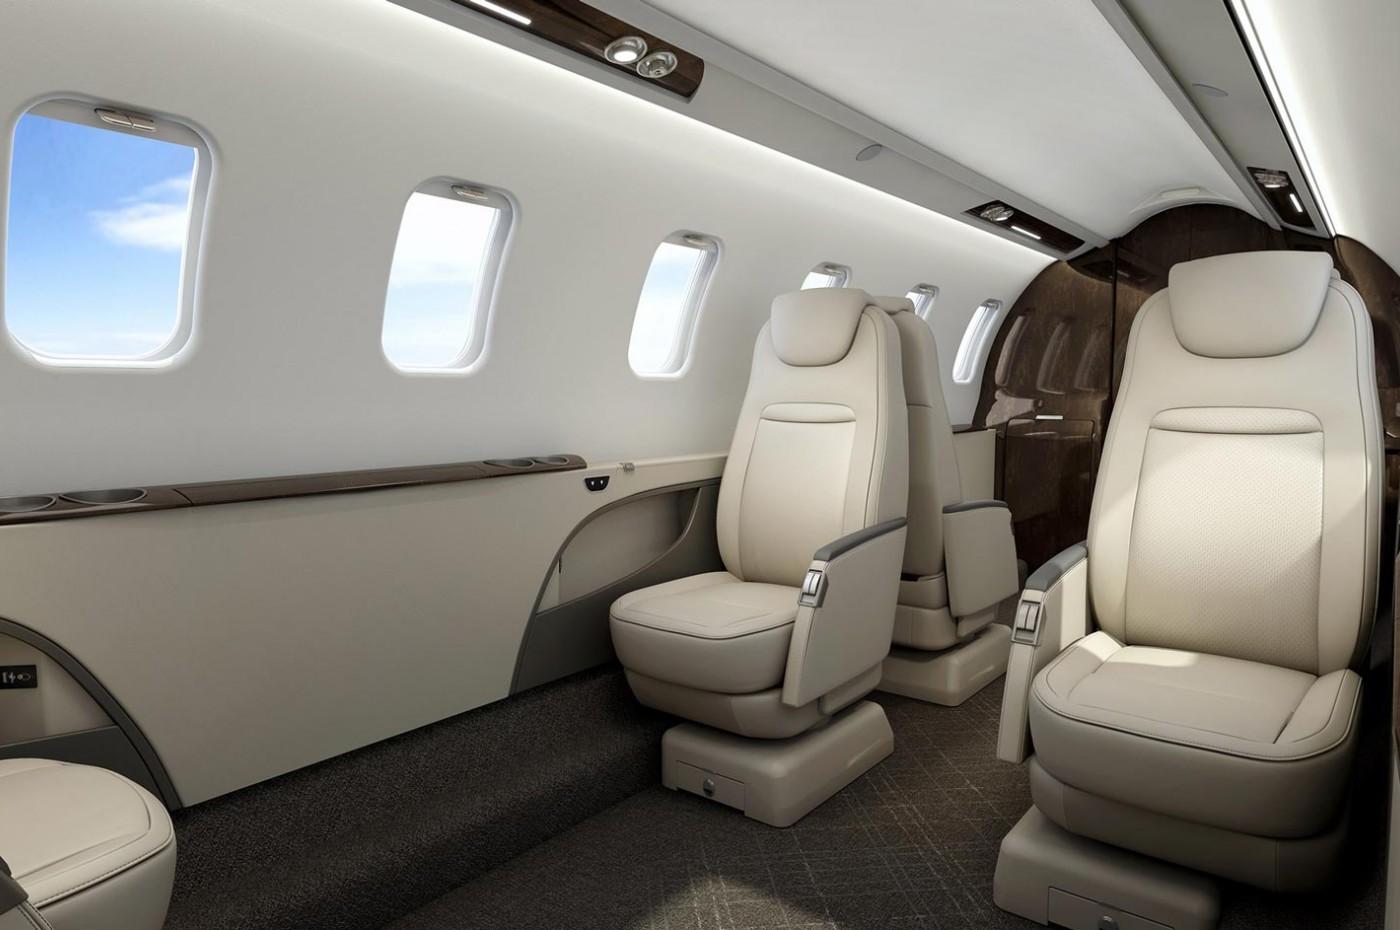 Learjet 75 Liberty aft cabin